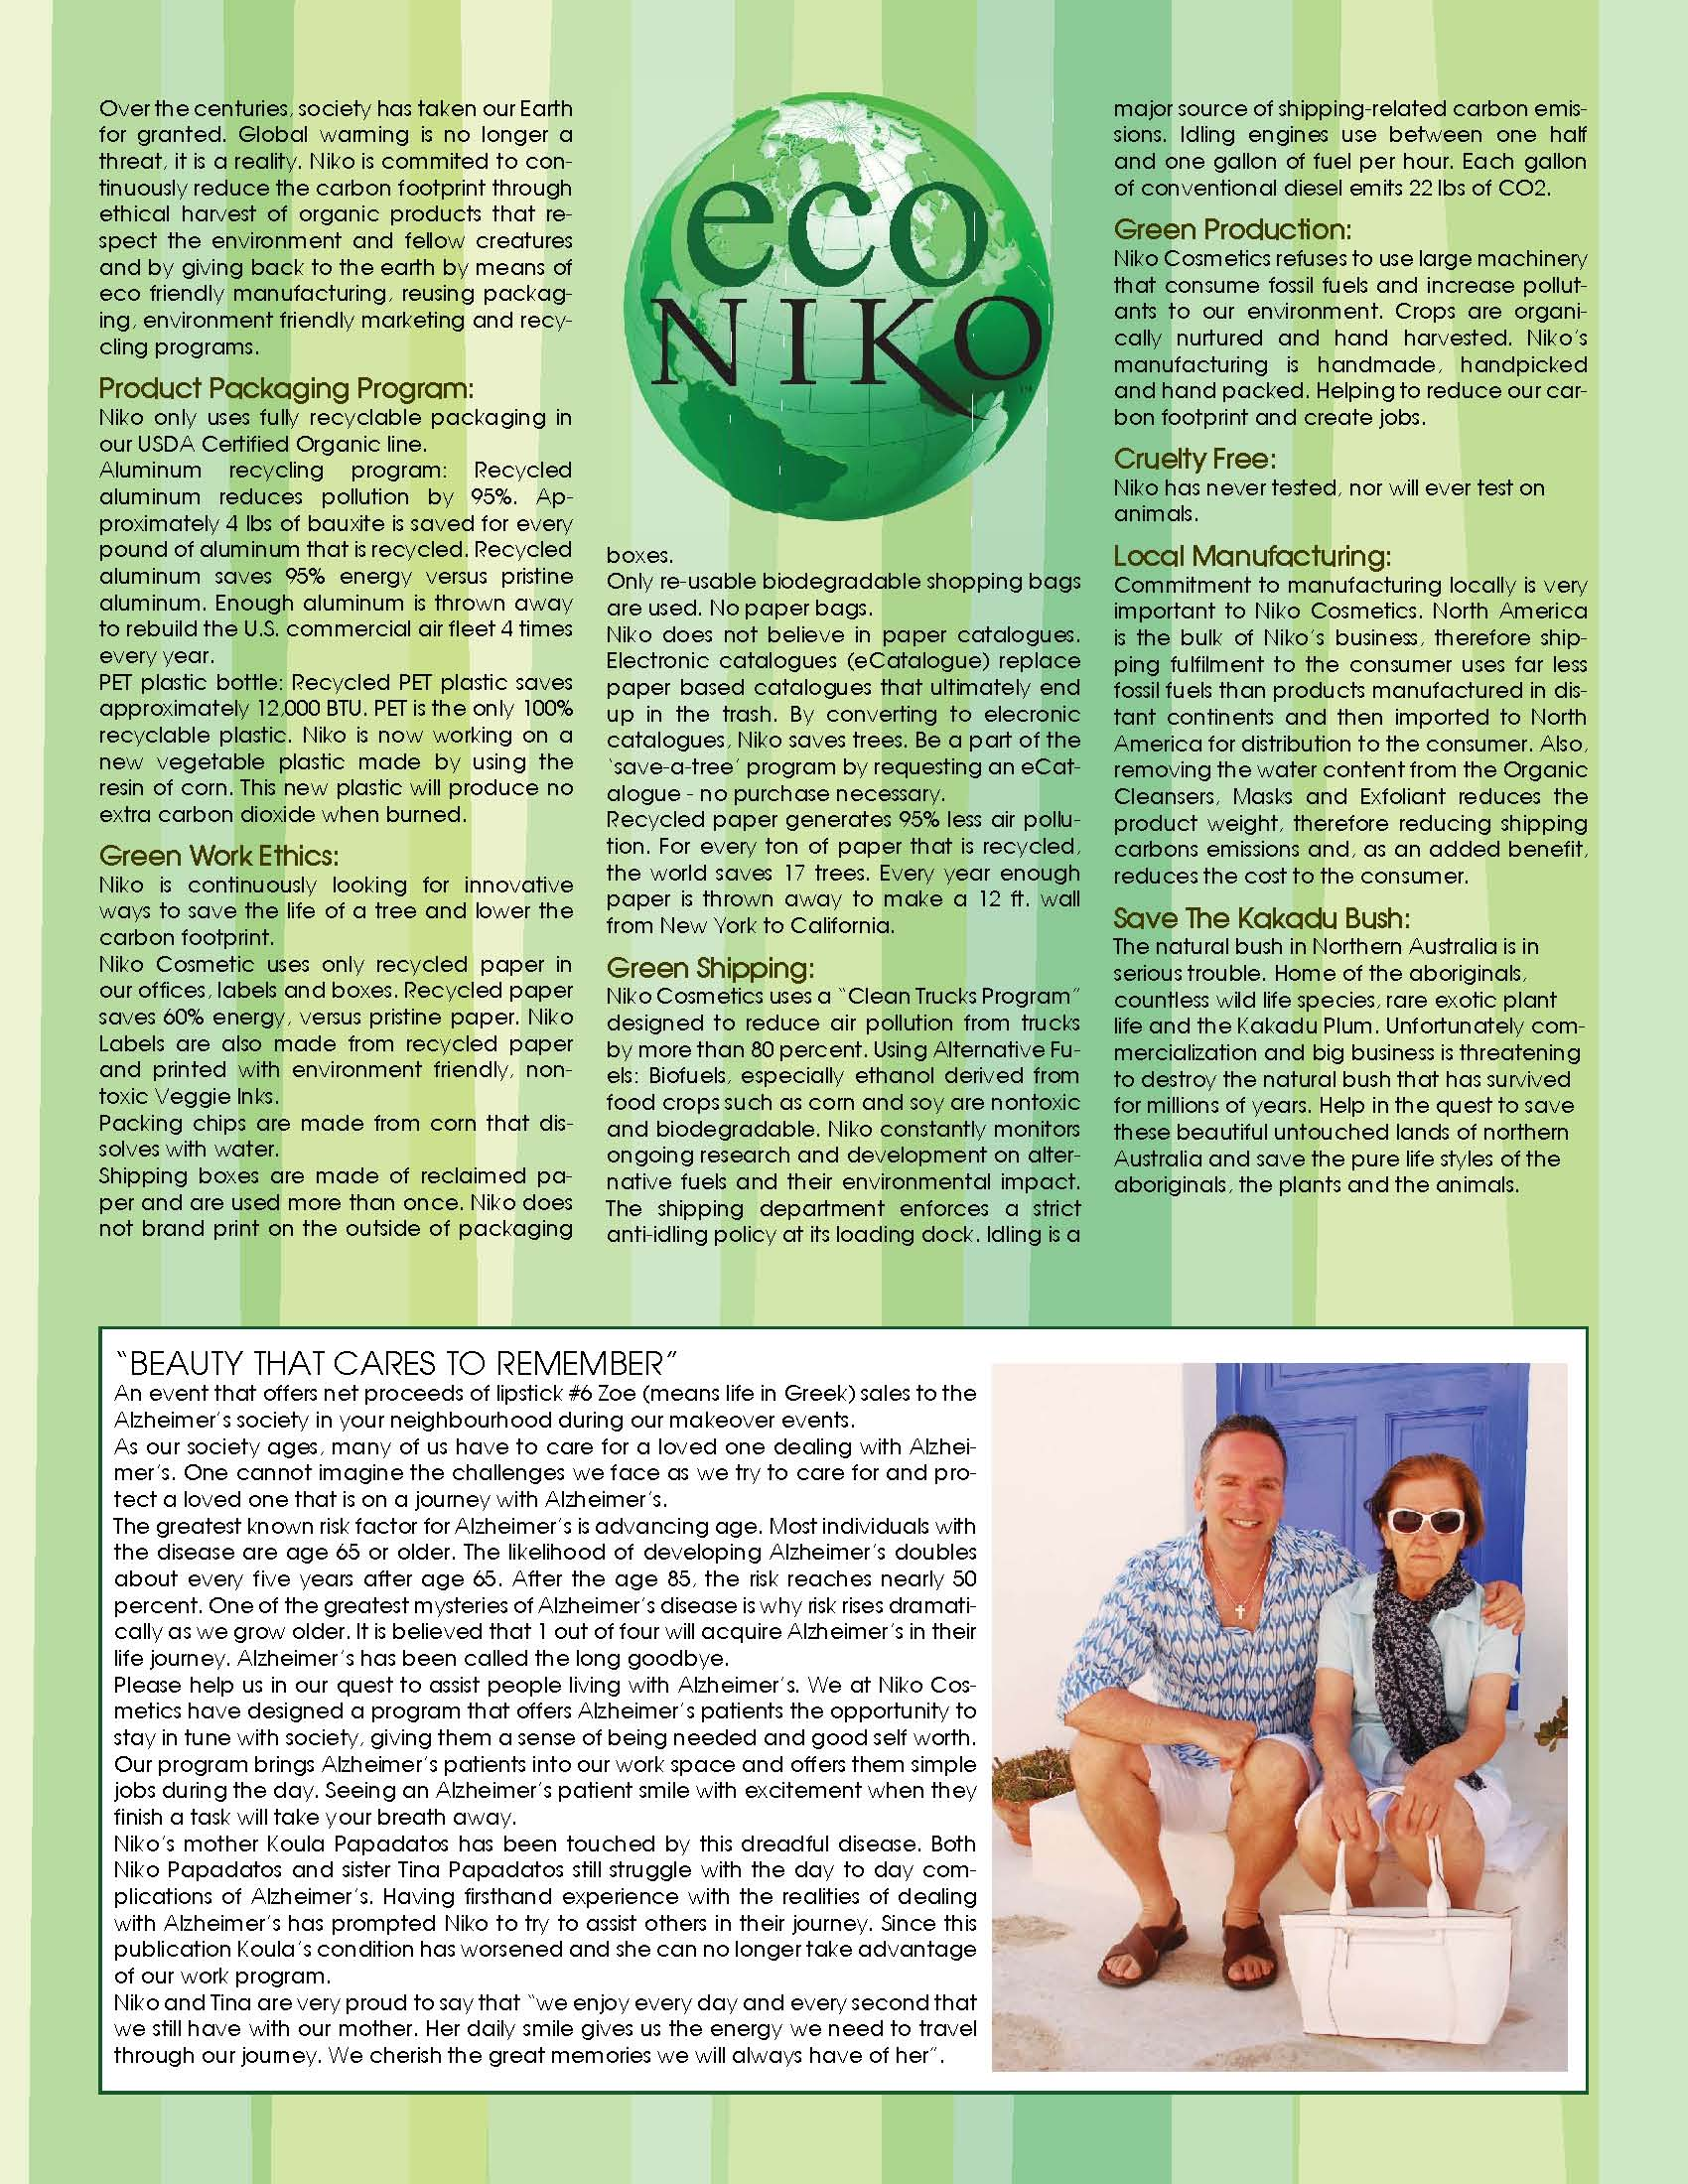 coverstory-spacanada-niko-page-7.jpg